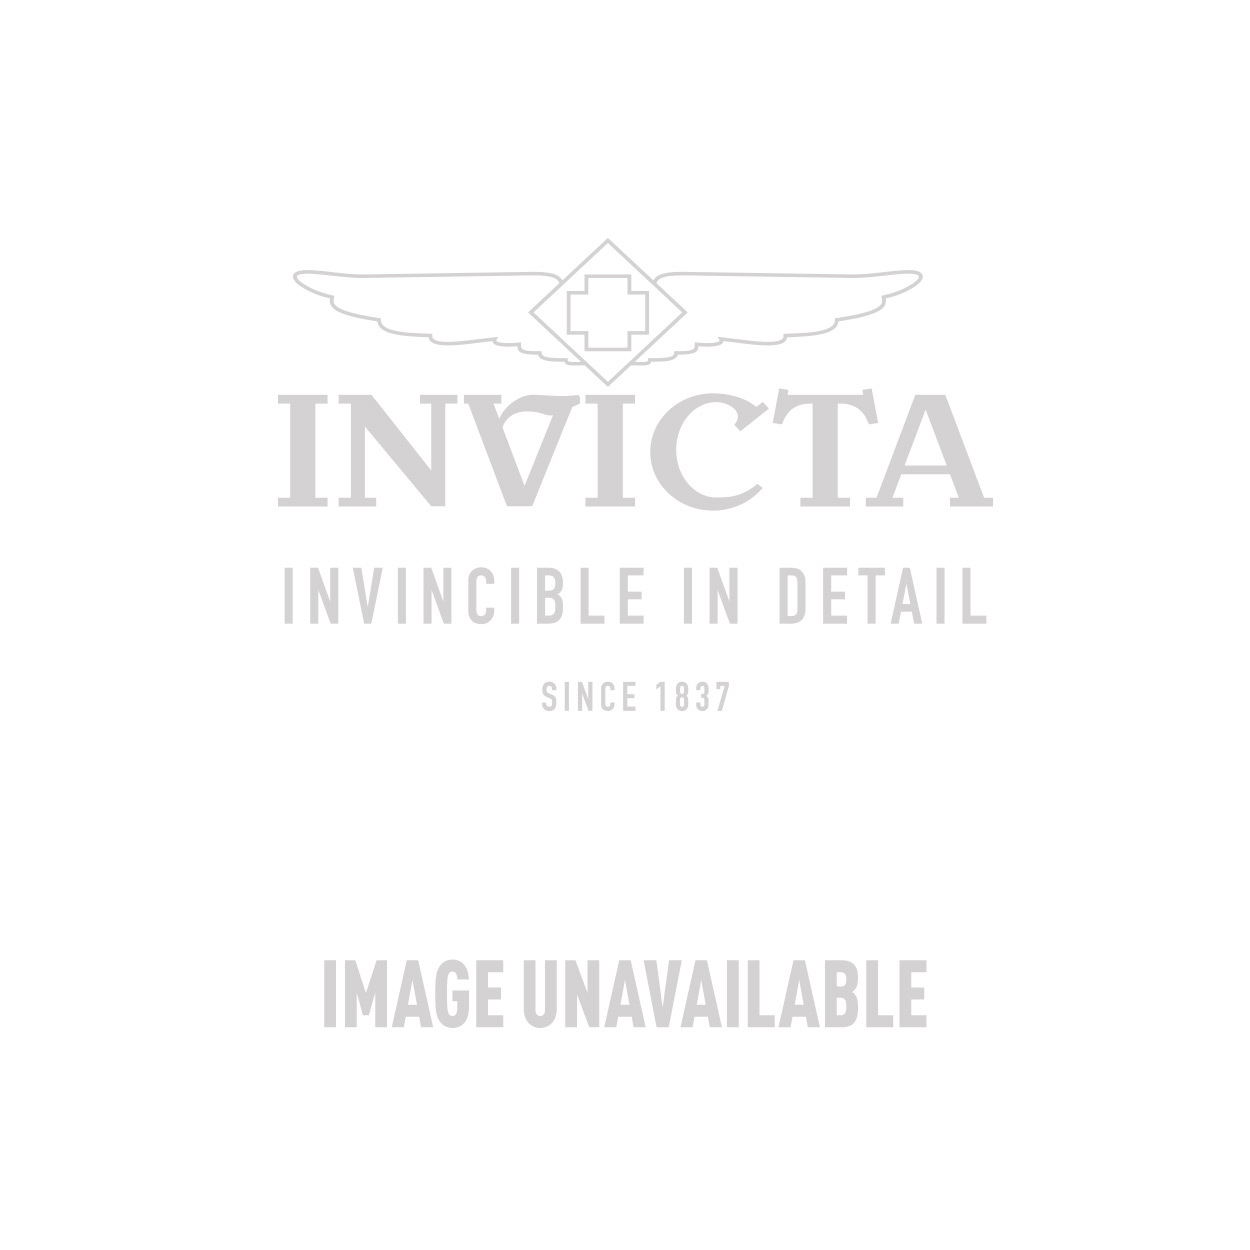 Invicta Model 25529